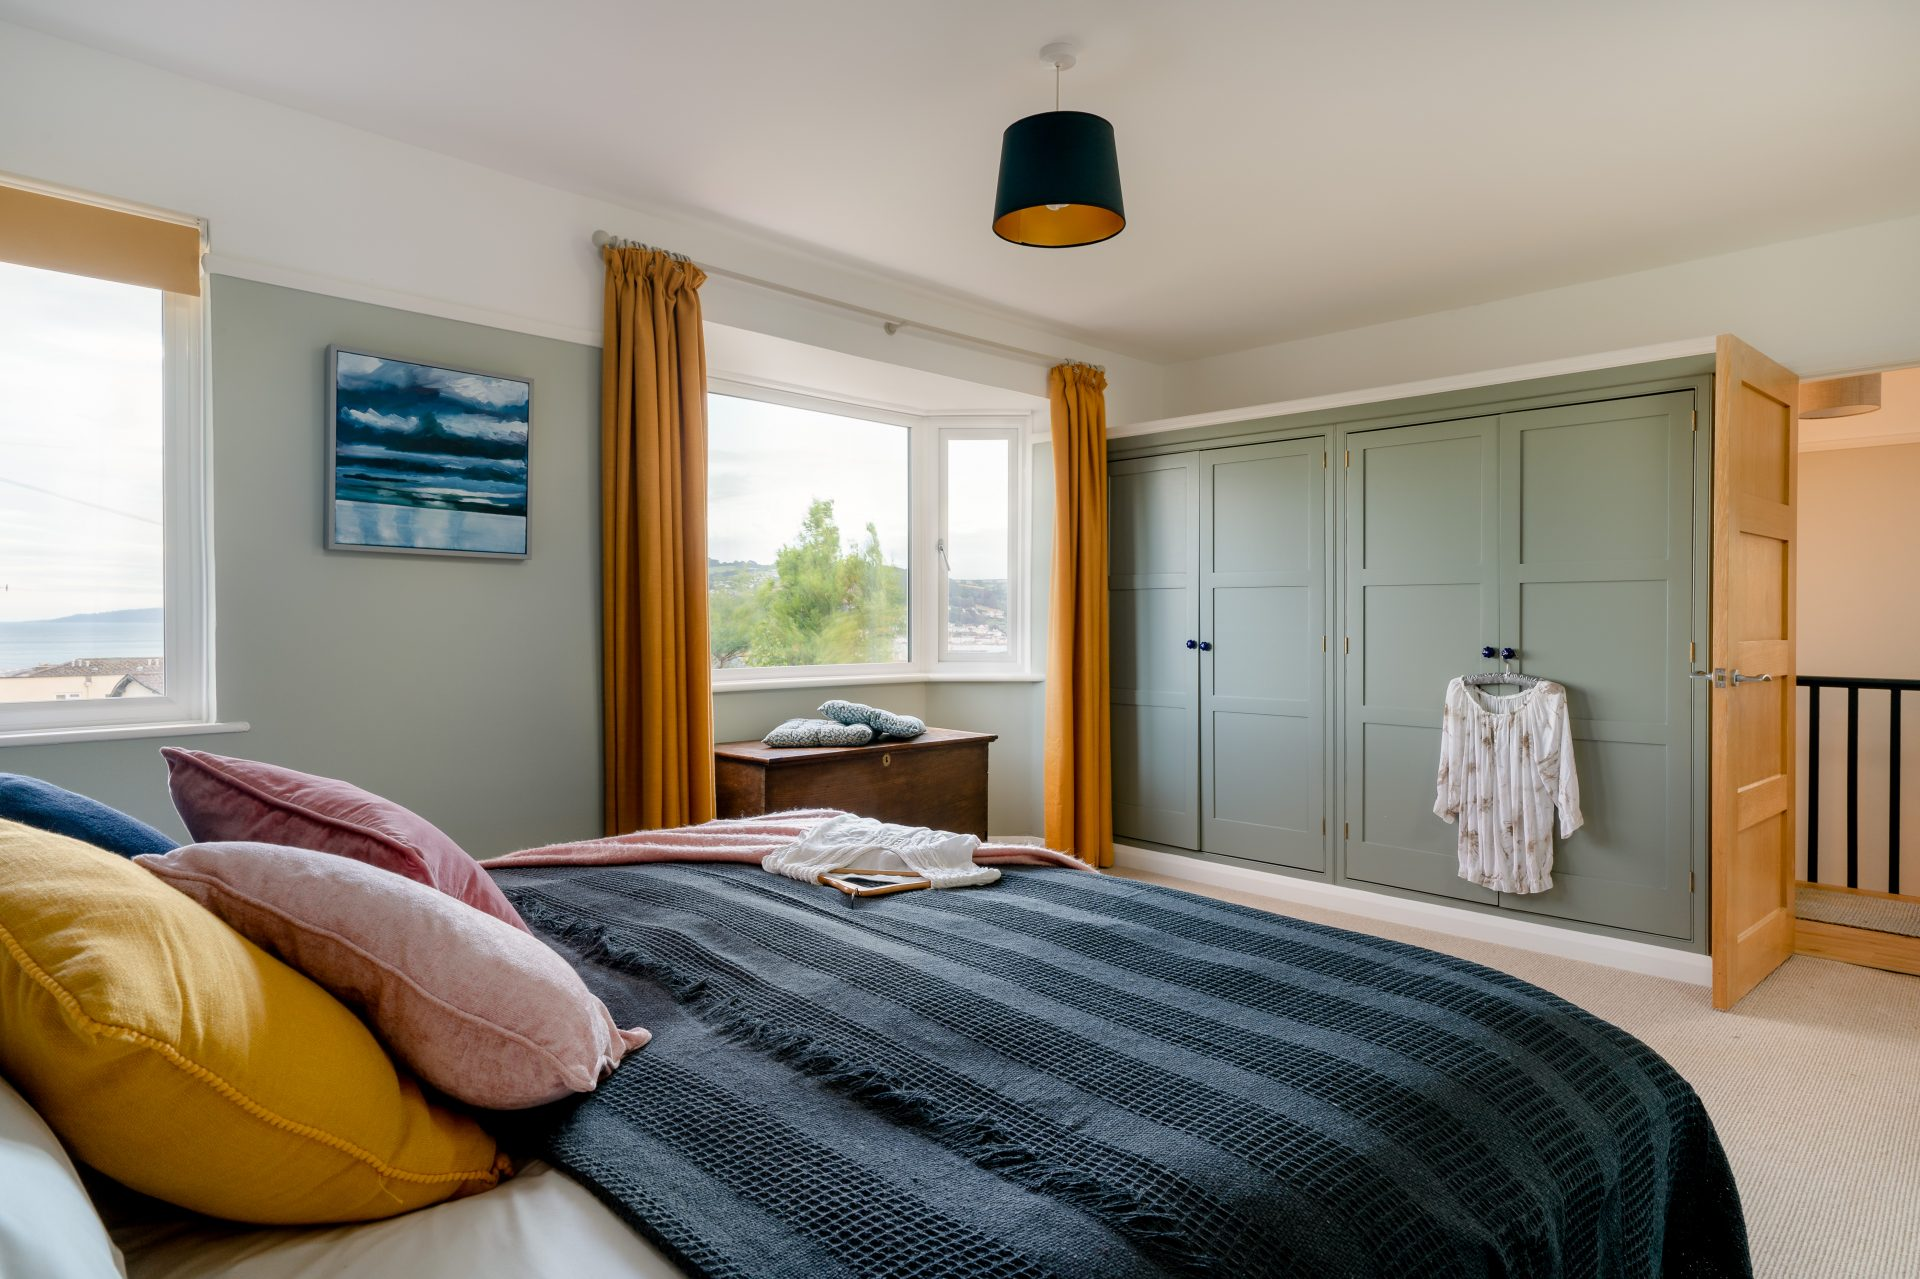 Hortons master bedroom after decoration